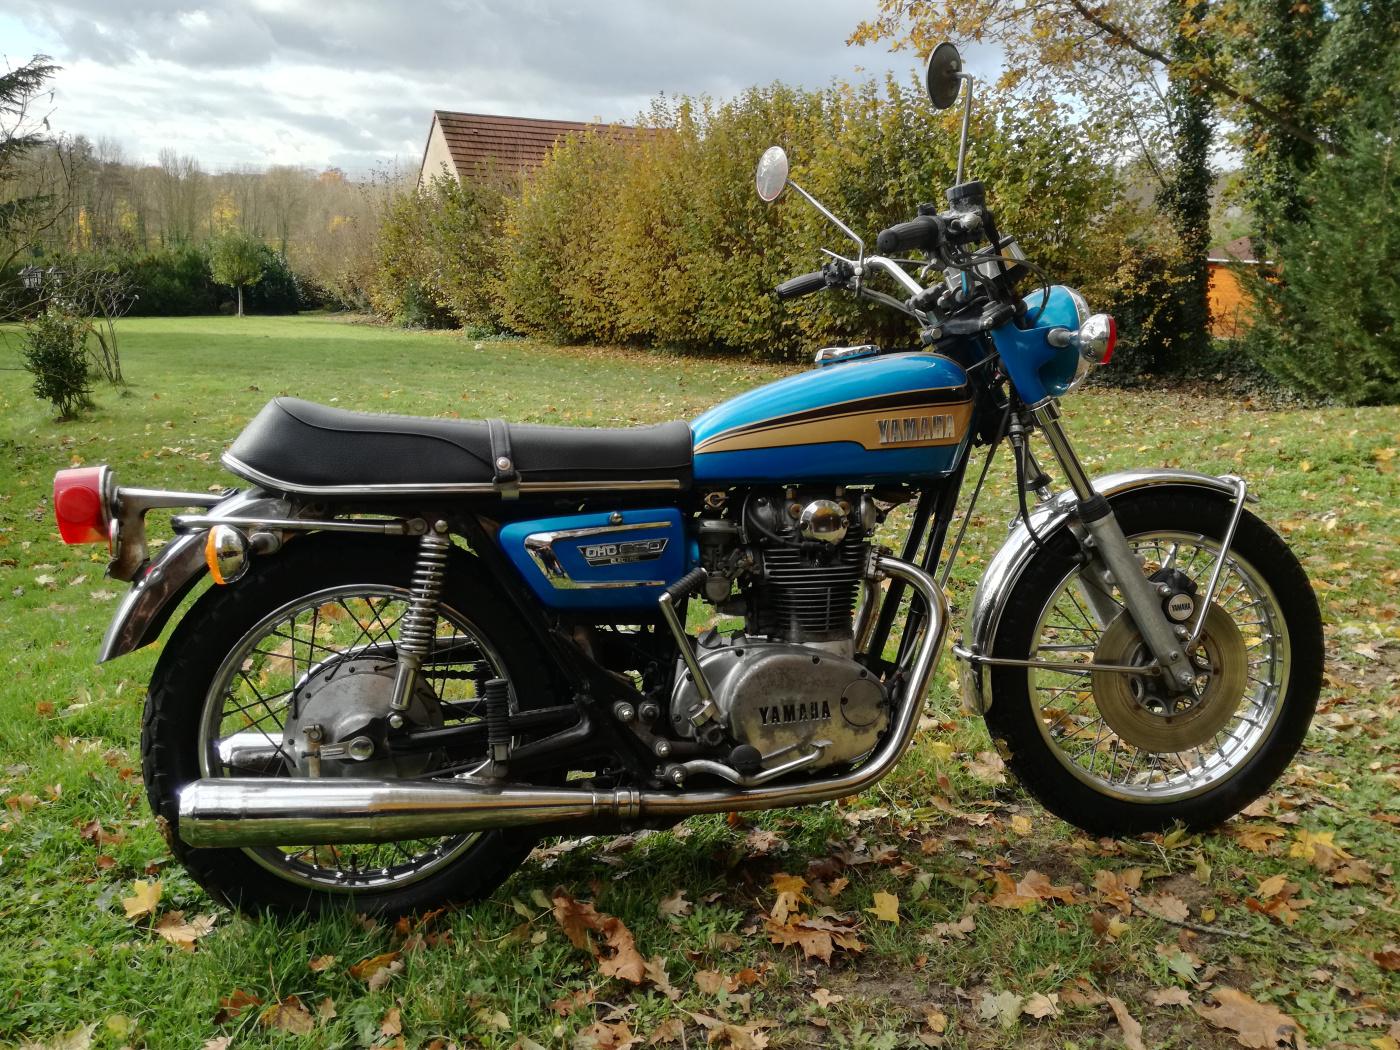 YAMAHA TX 650 1973